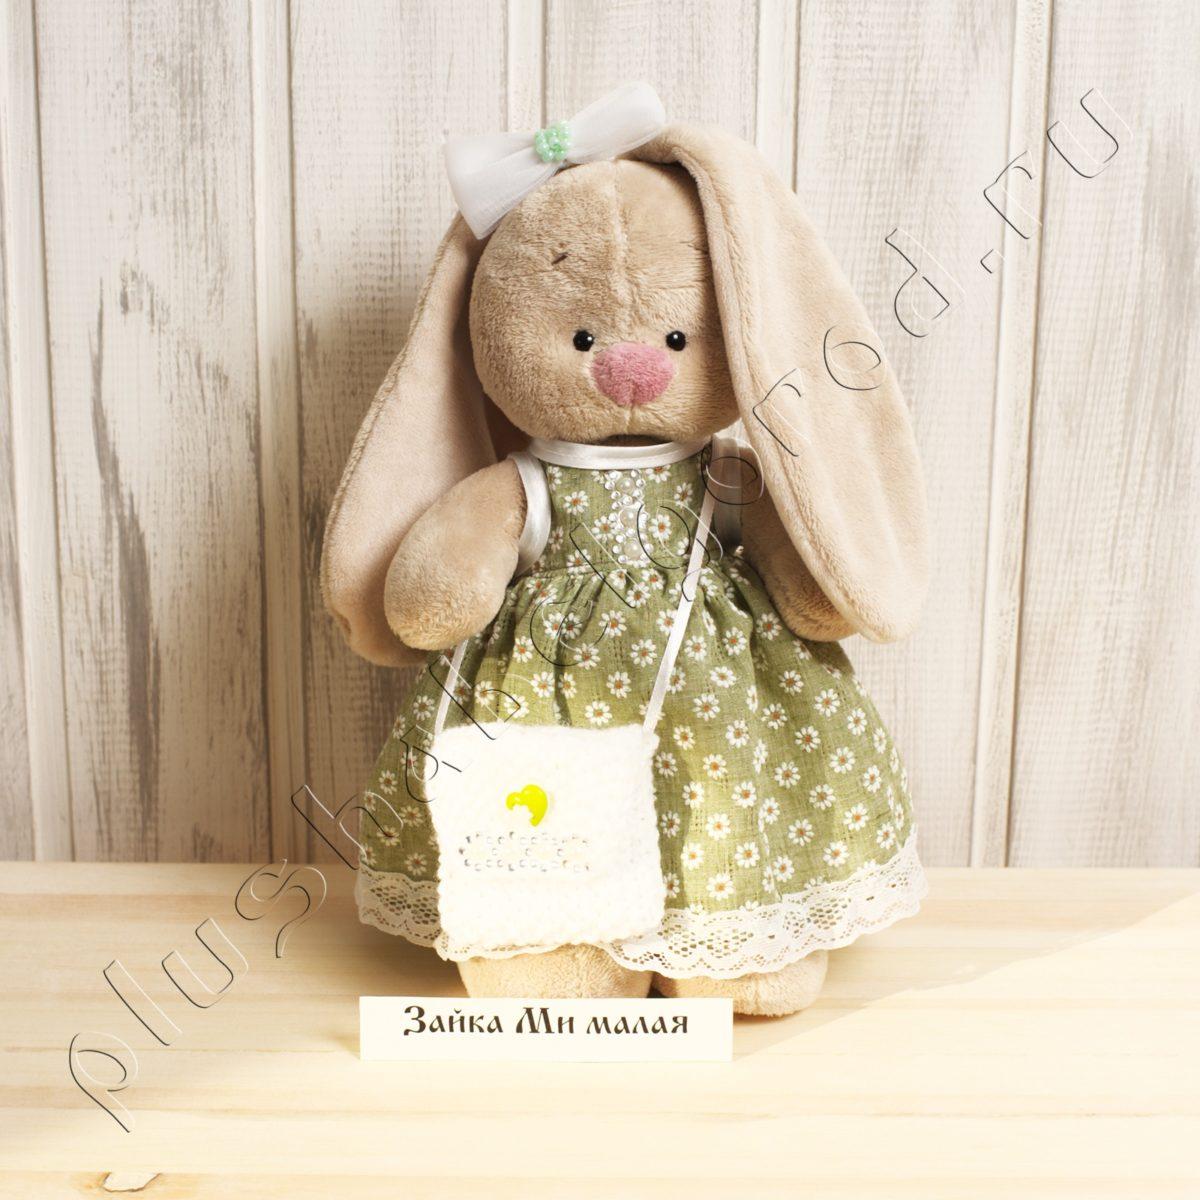 Платье с ромашками, сумочка и бантик на ушко